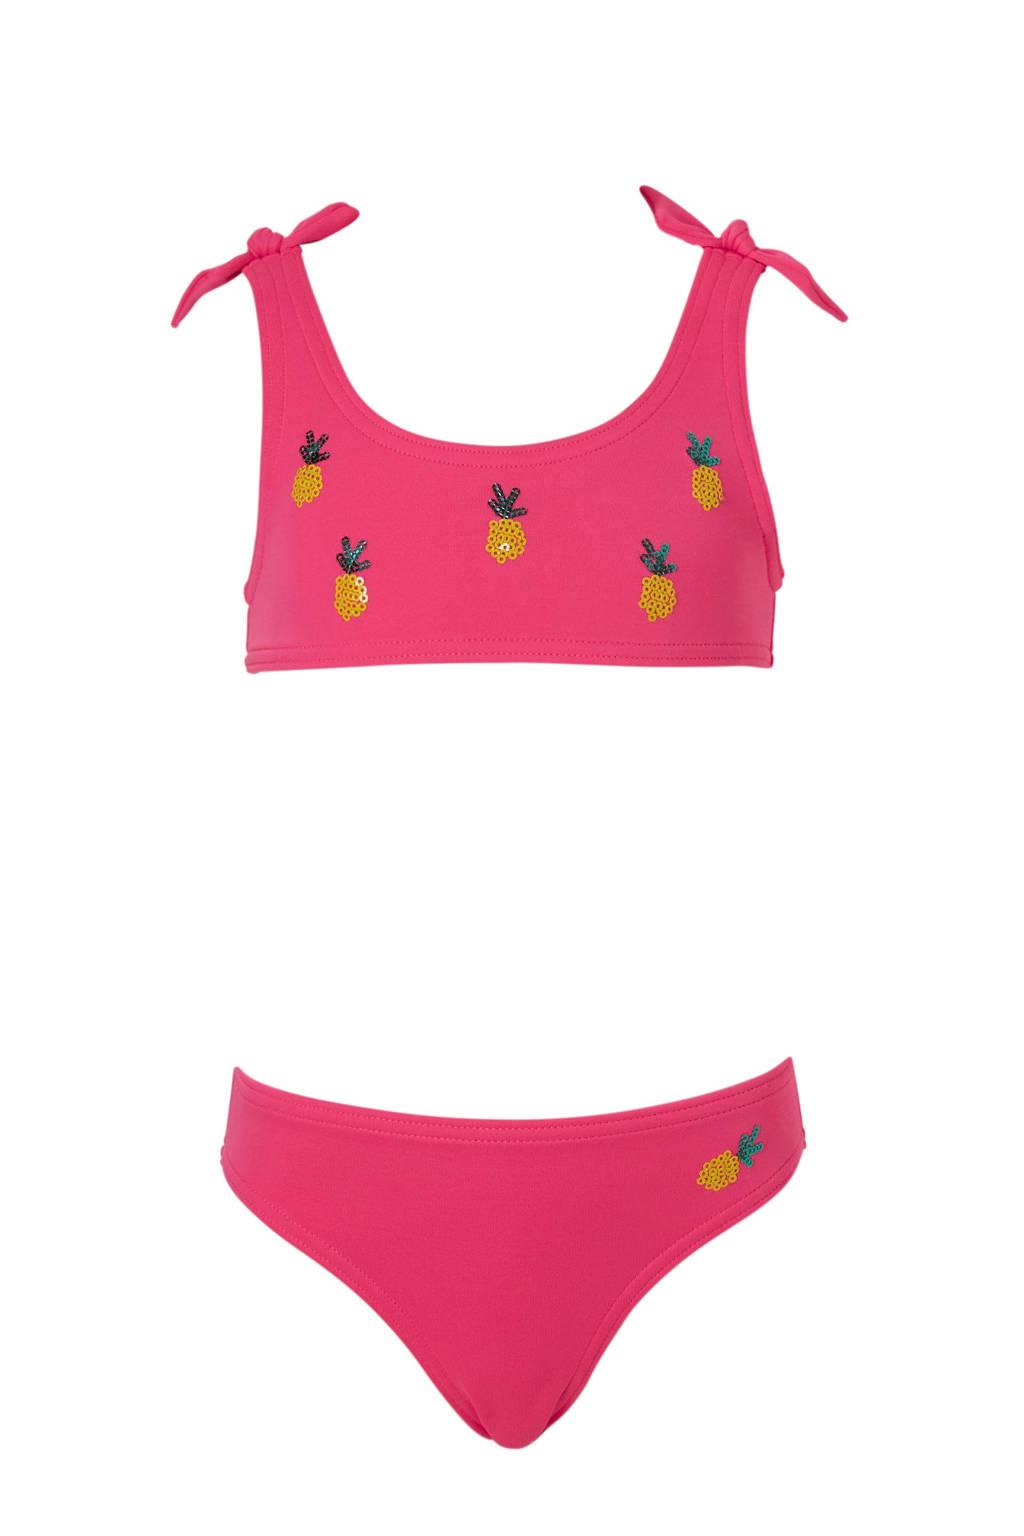 C&A Rodeo bikini met ananas roze, Neon roze/geel/groen